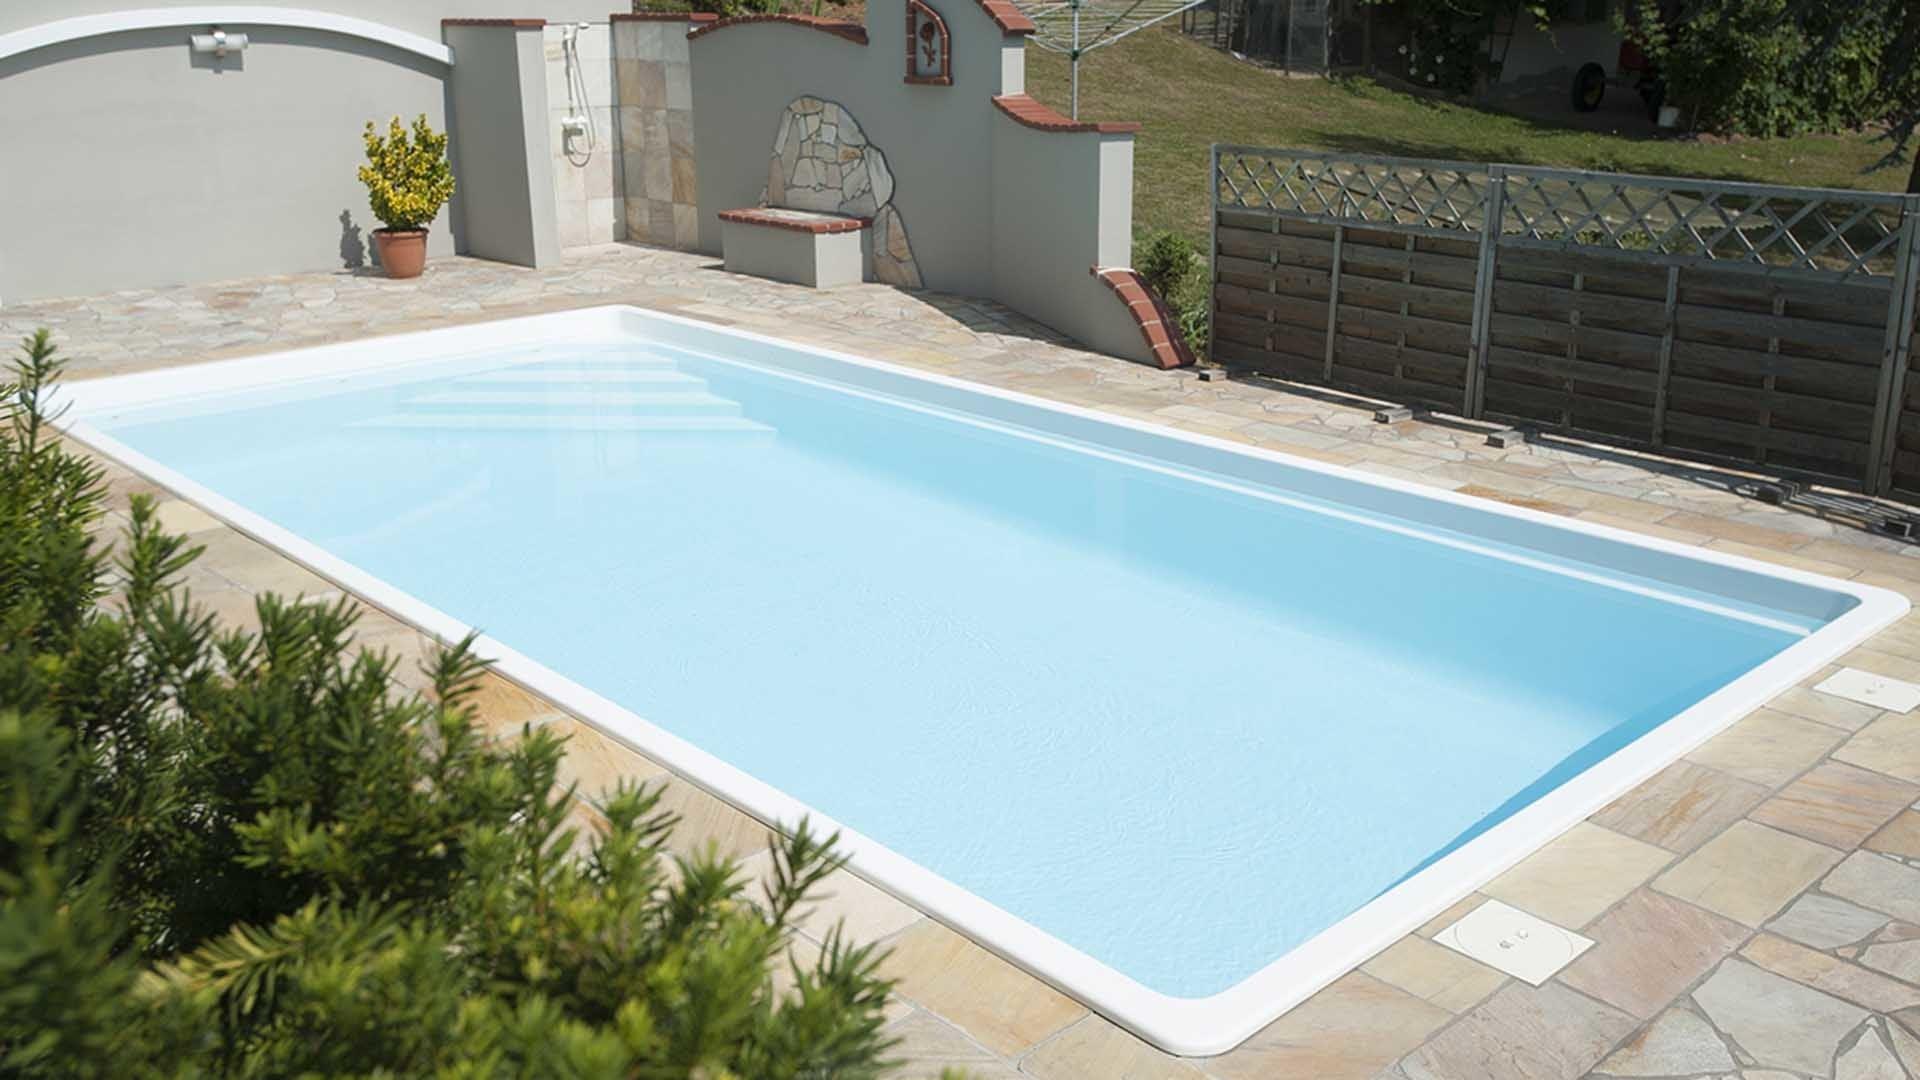 Rettangolare piscine prefabbricate monoblocco polyfaser - Piscine vetroresina offerte ...